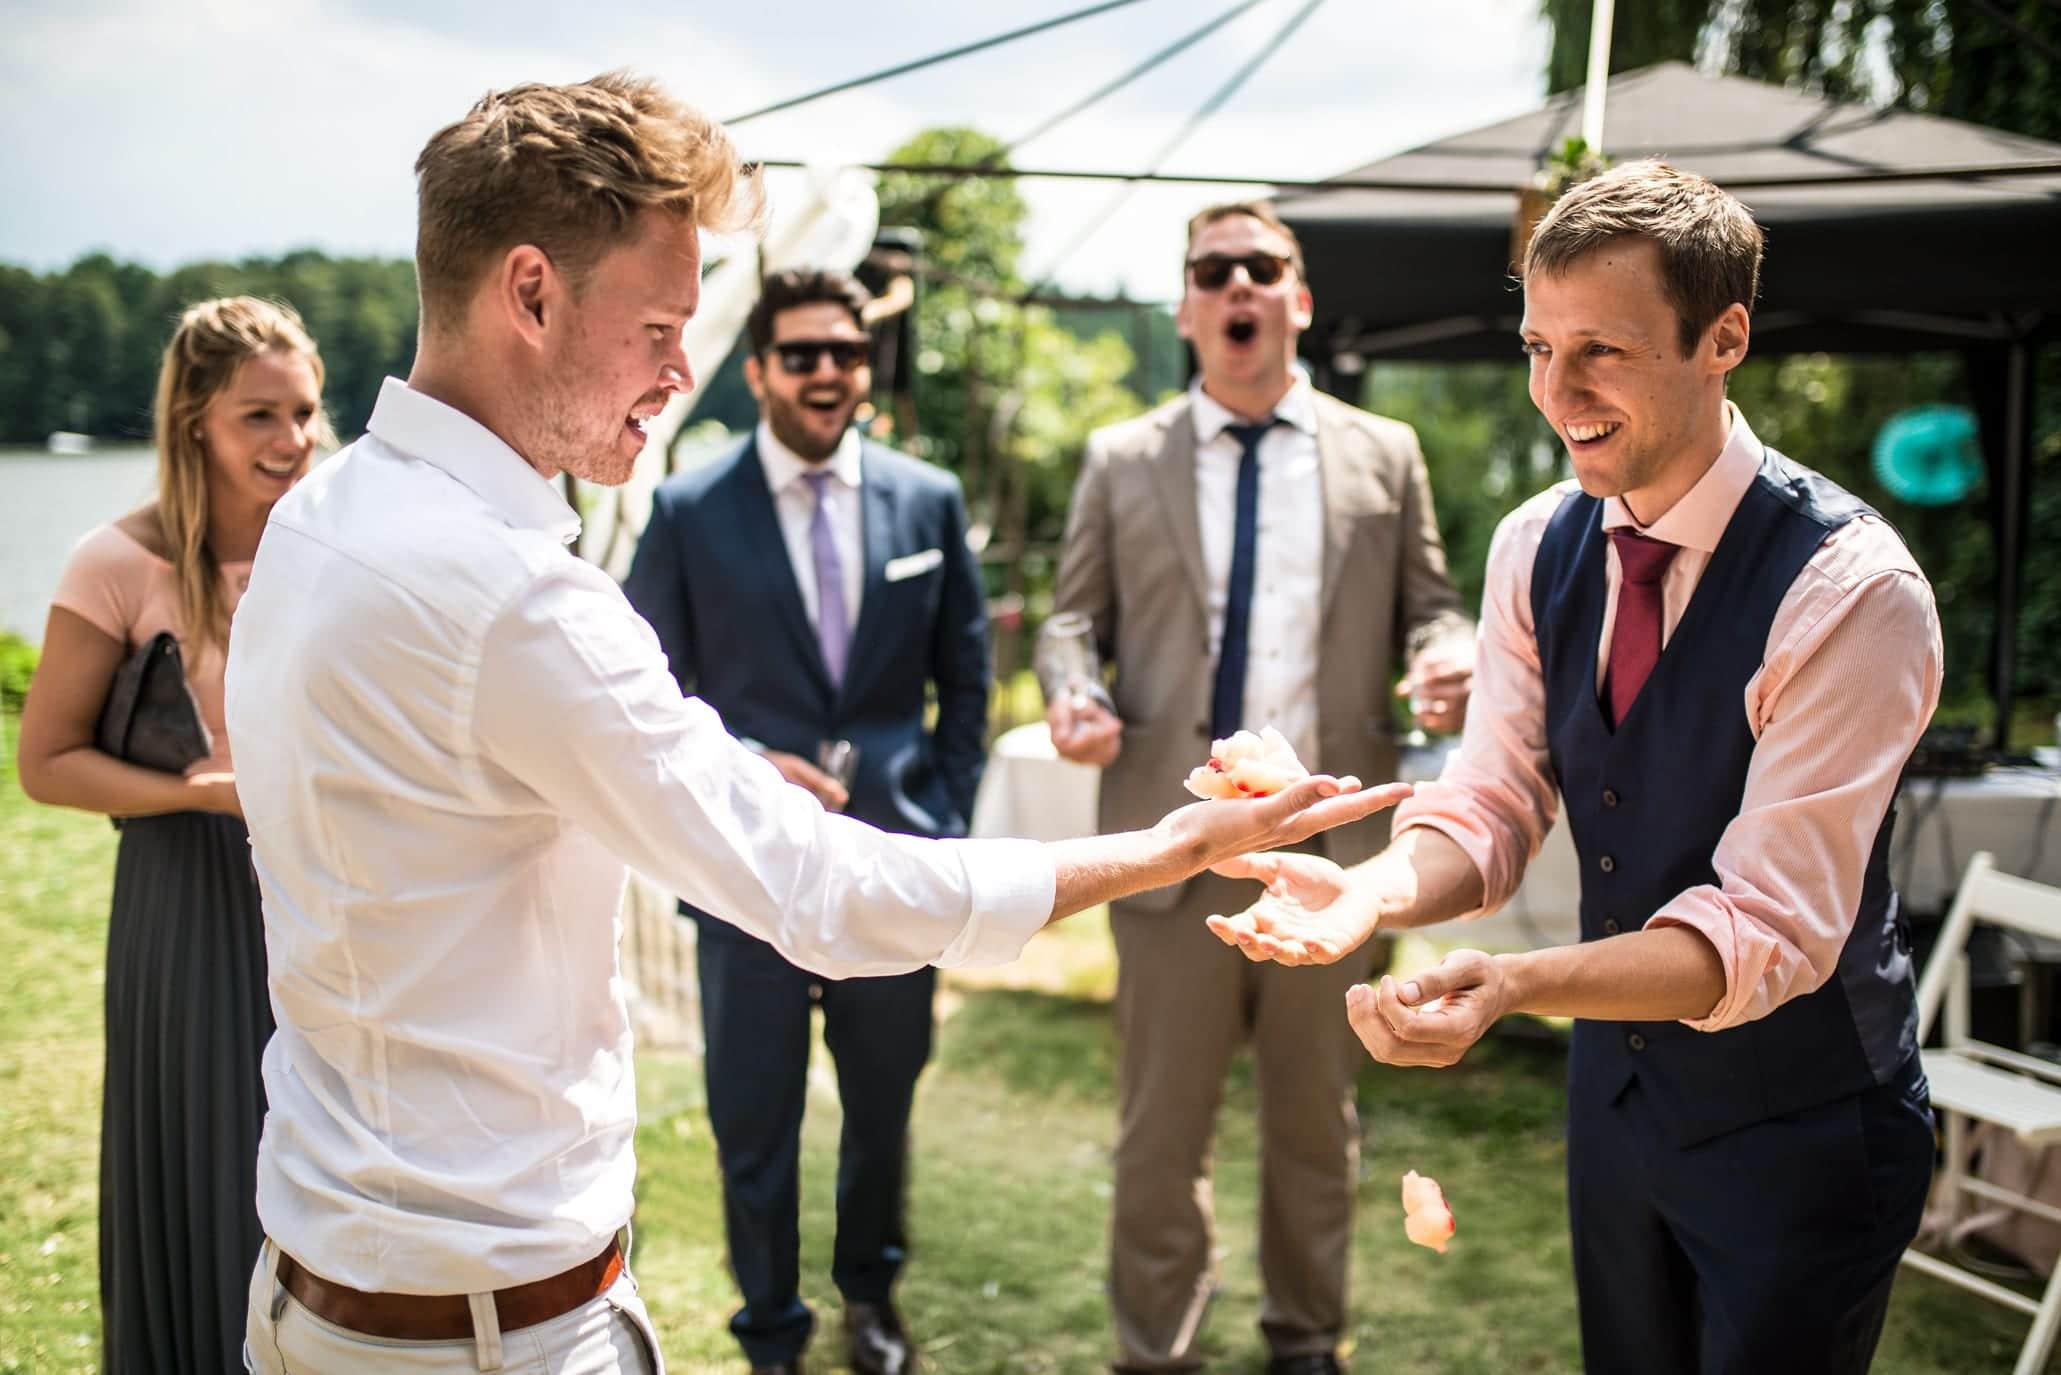 Der Zauberer zeigt den Hochzeitsgästen einen Zaubertrick in ihren eigenen Händen. Die Überraschung ist ihren Gesichtern anzusehen. Zwei von ihnen haben den Mund staunend weit aufgerissen.